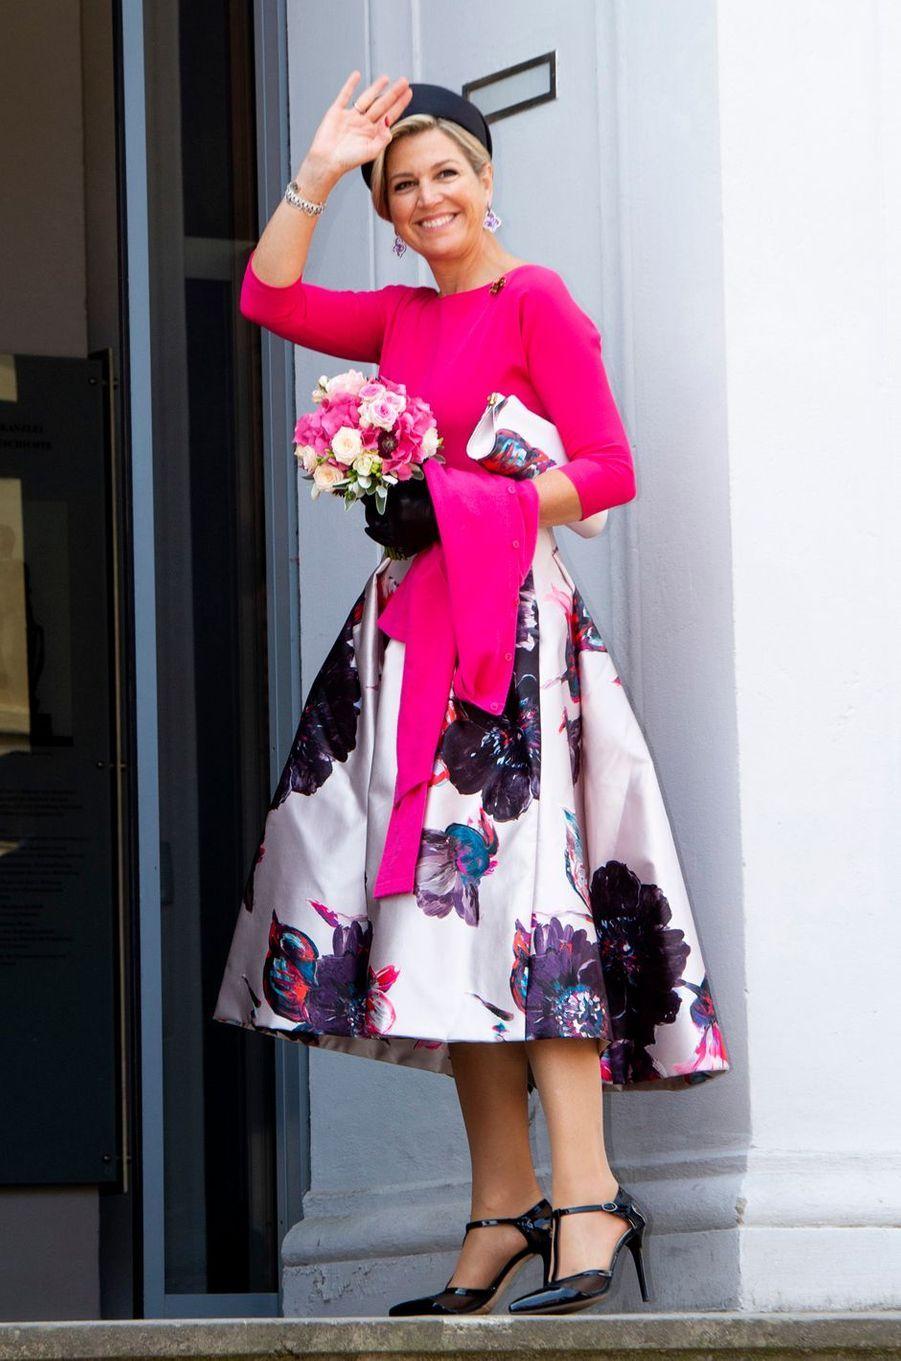 La reine Maxima des Pays-Bas à Schwerin en Allemagne, le 20 mai 2019